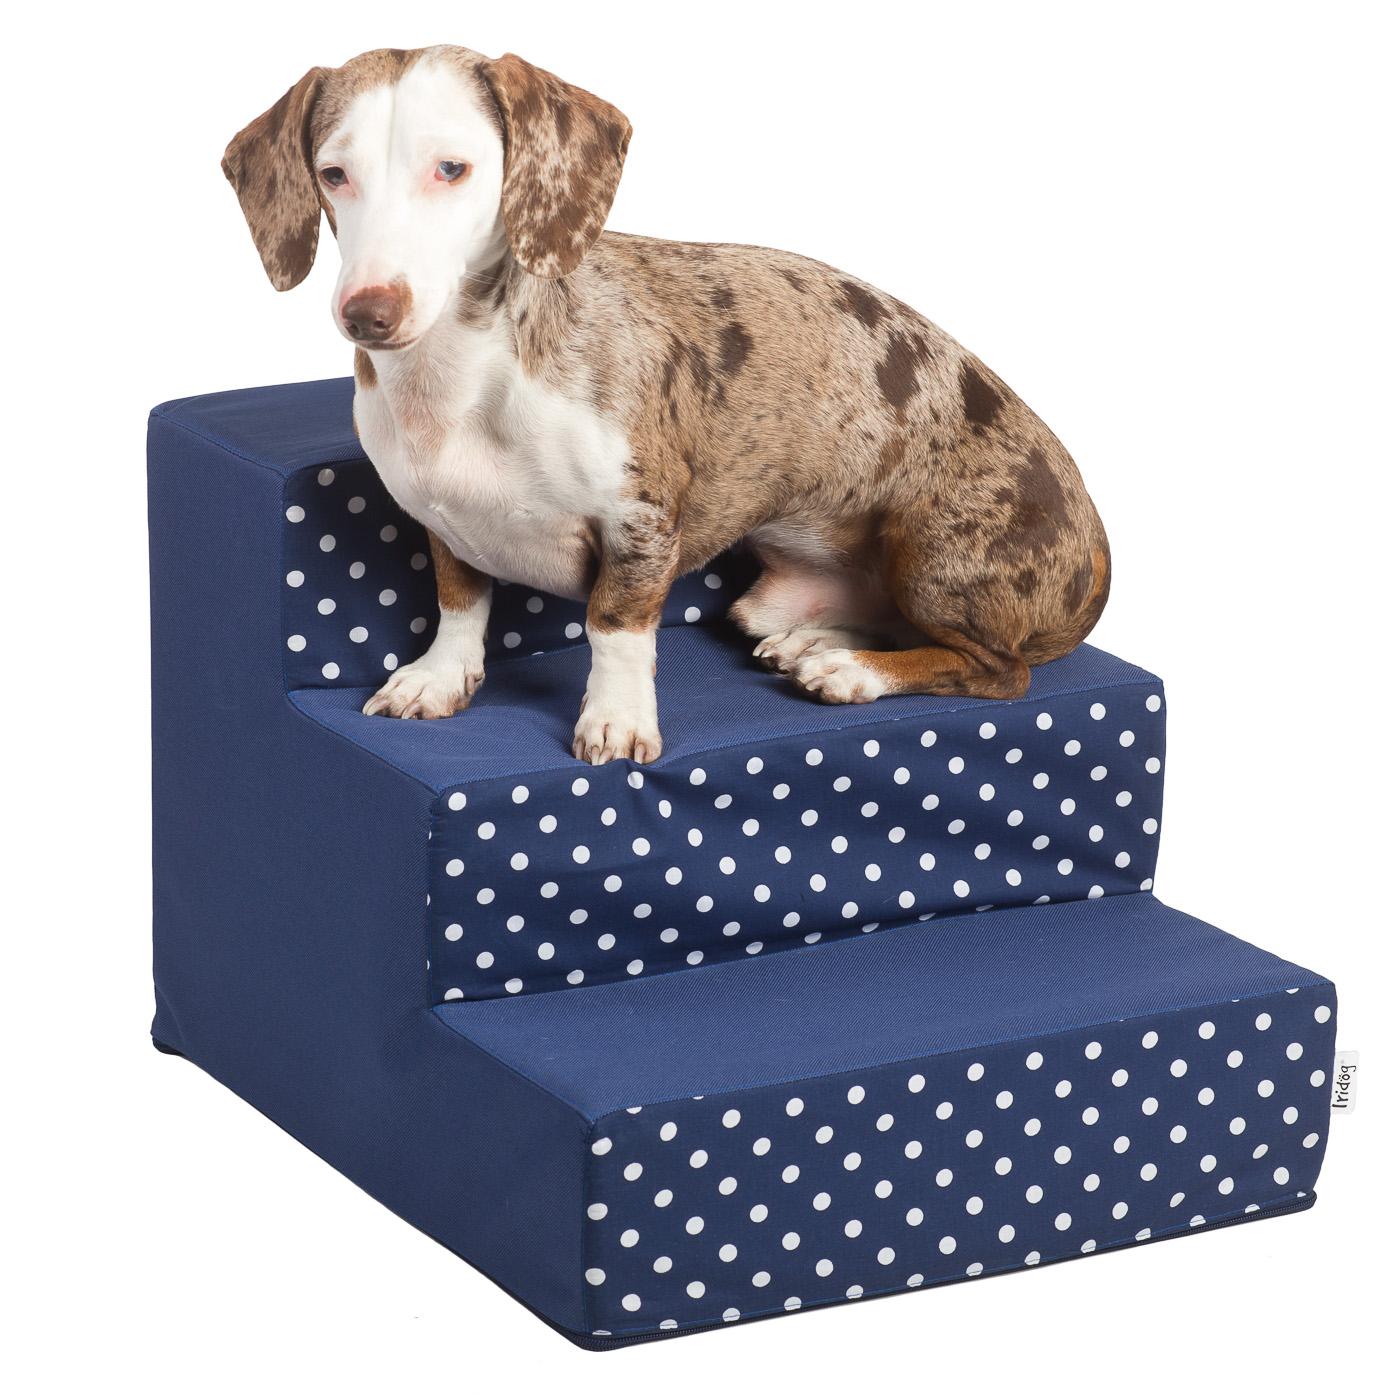 Schody pro psy, no. 30, modrá s puntíky, 1 malé